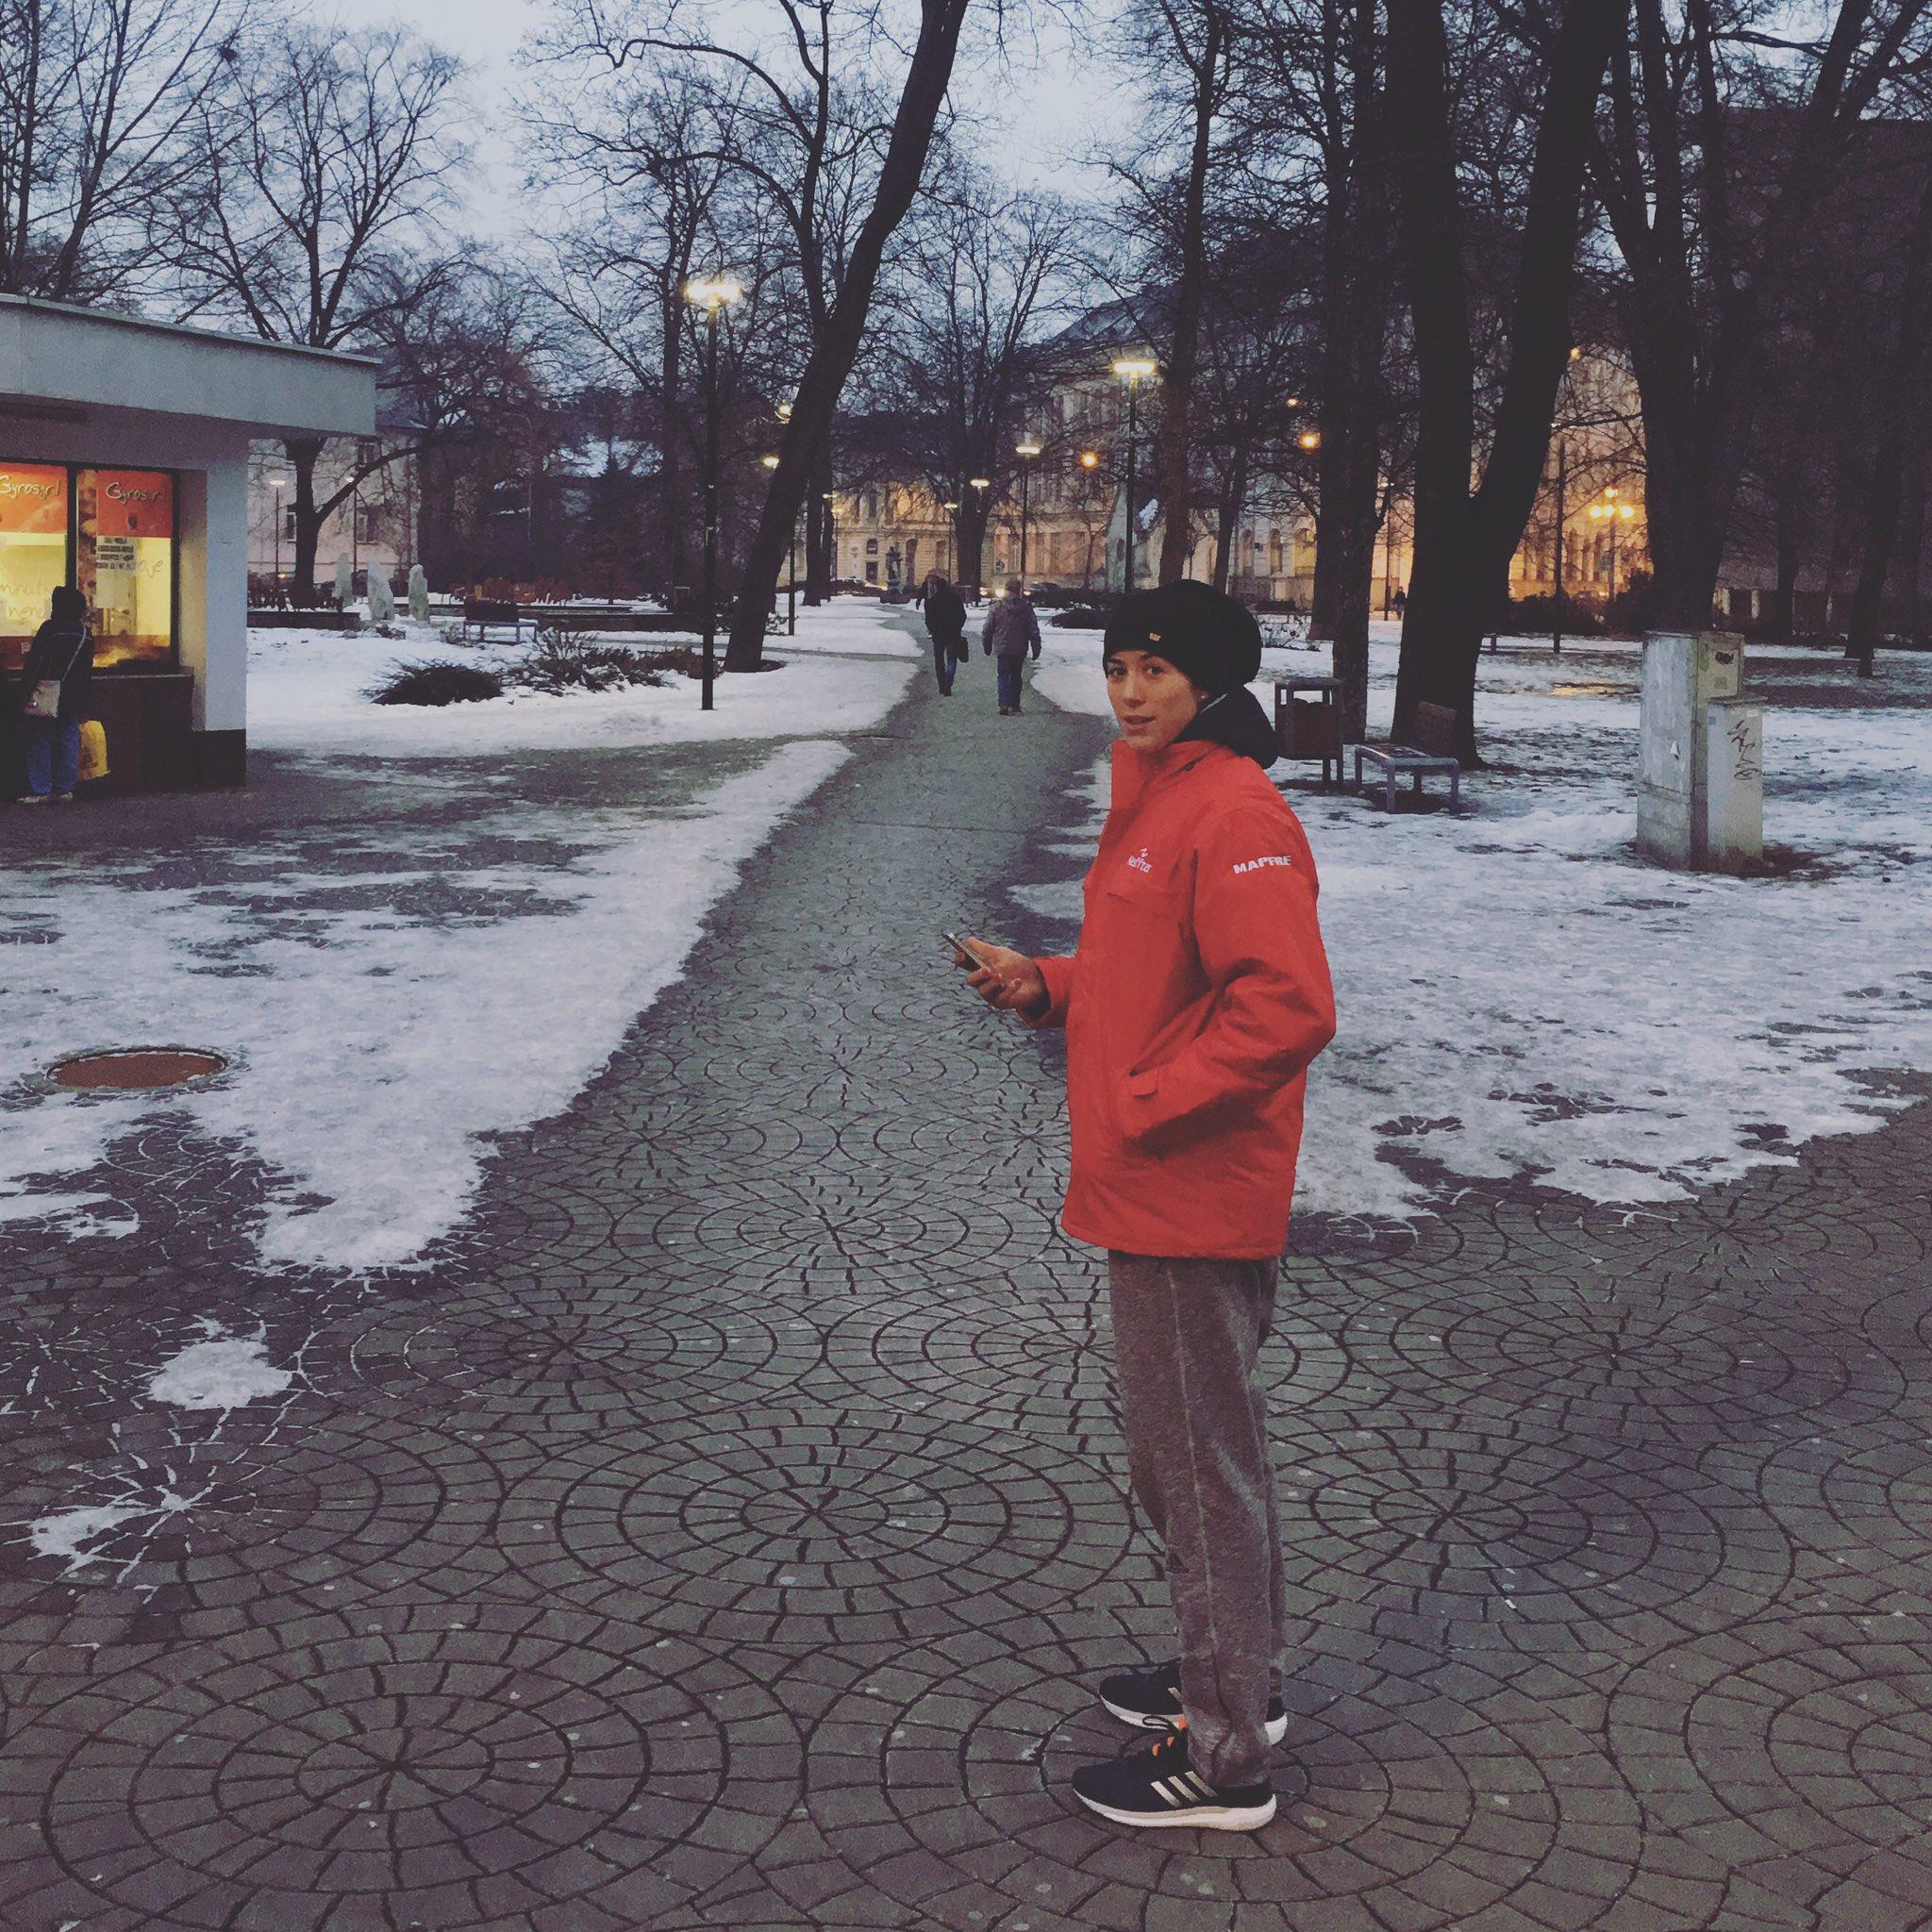 Through the streets of Ostrava at -5! Por la  calles de Ostrava a -5! ❄️❄️ https://t.co/cBEVgFM383